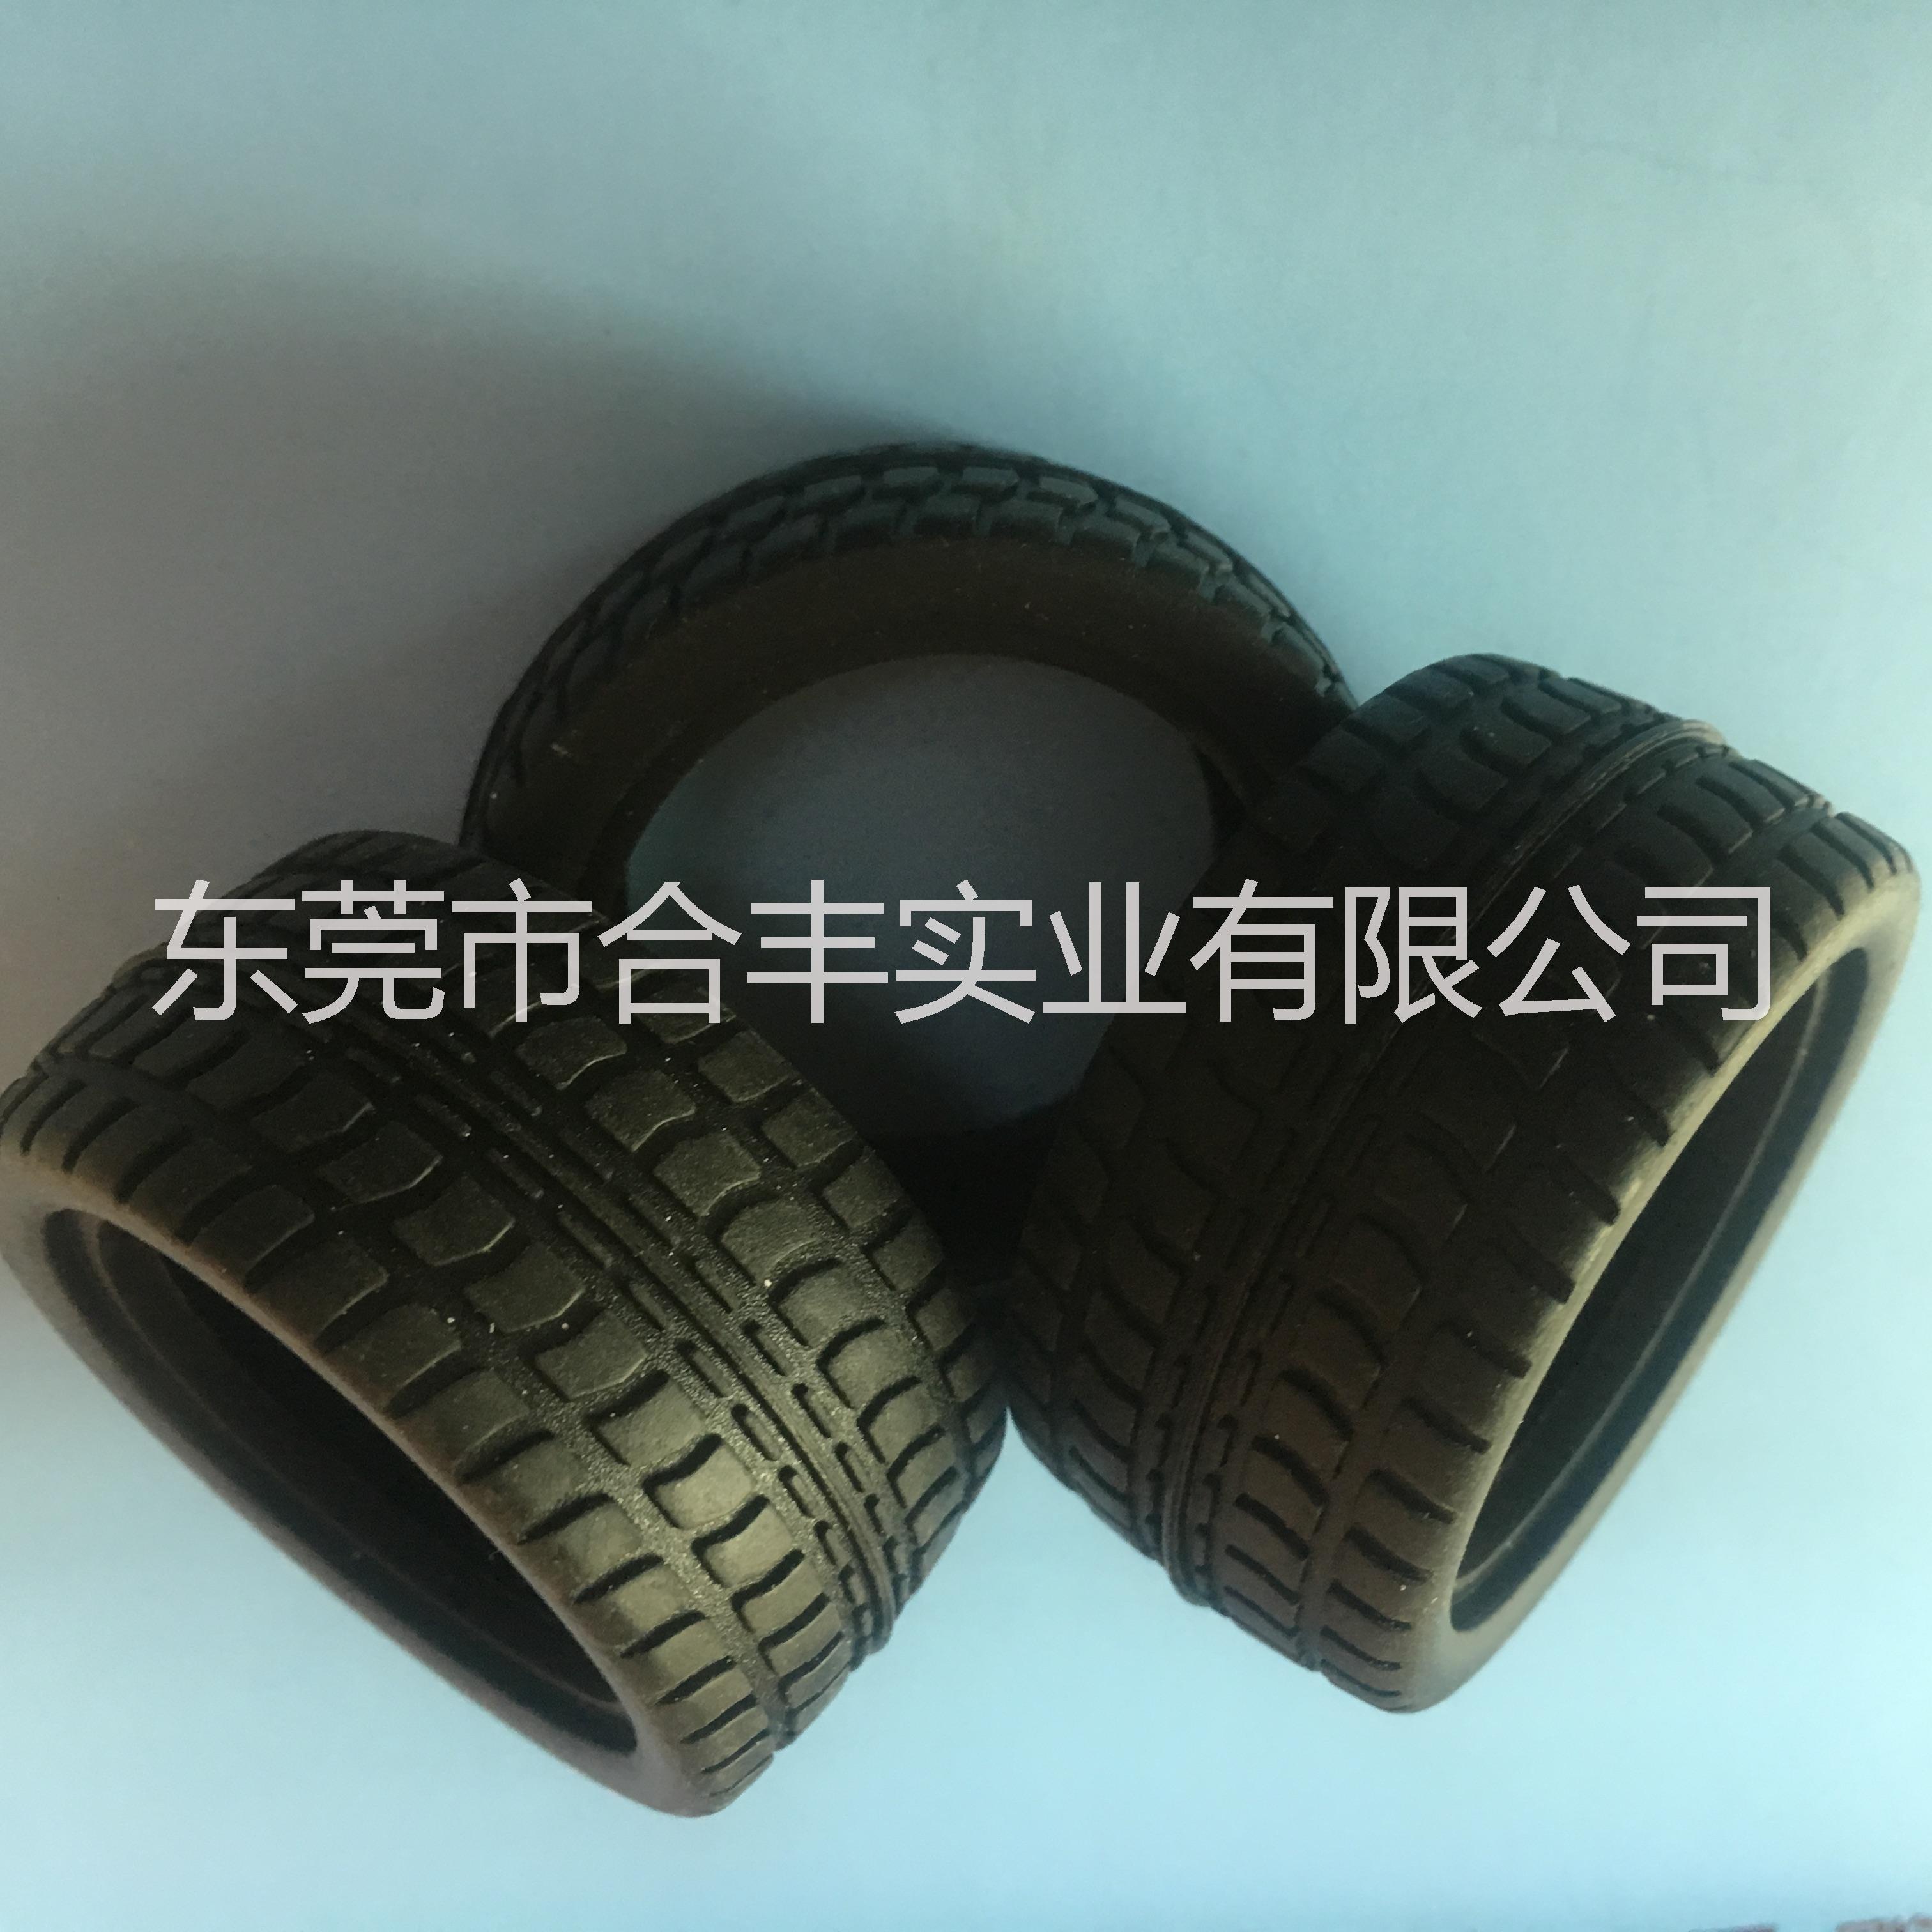 硅胶轮胎的应用